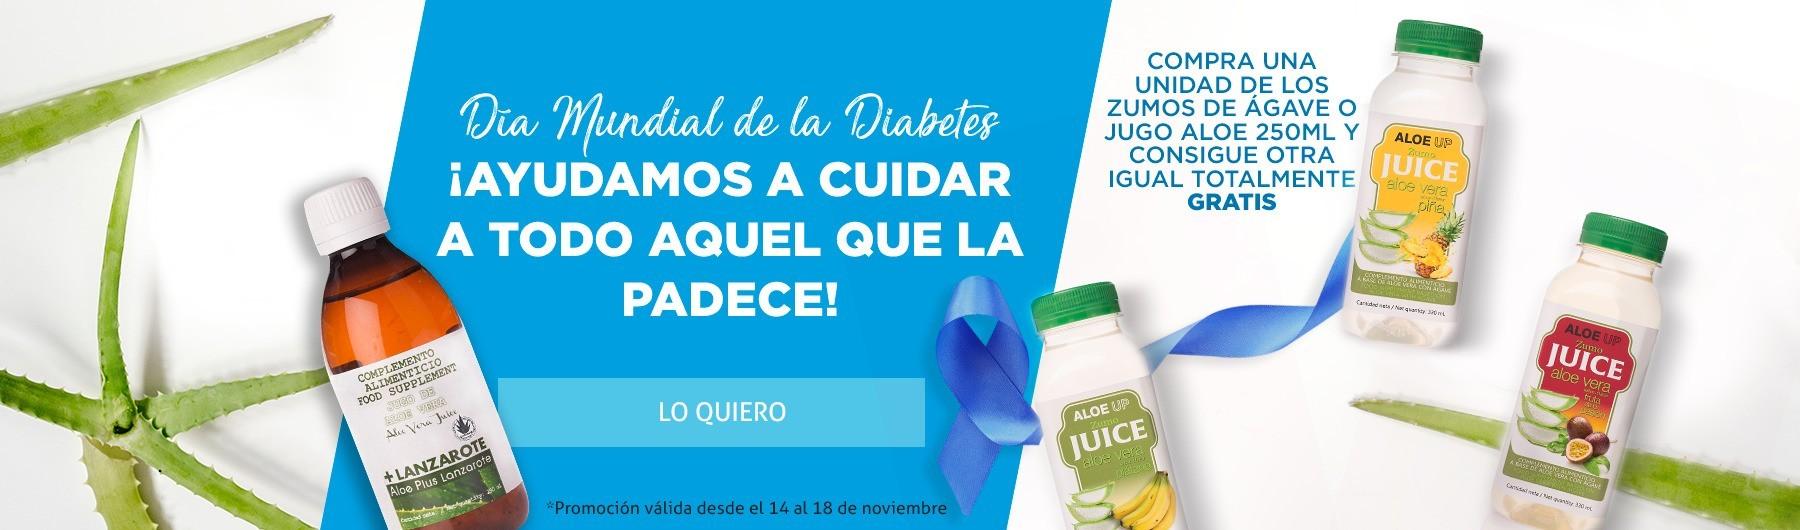 Promoción 2x1 - 14N   Día mundial de la Diabetes